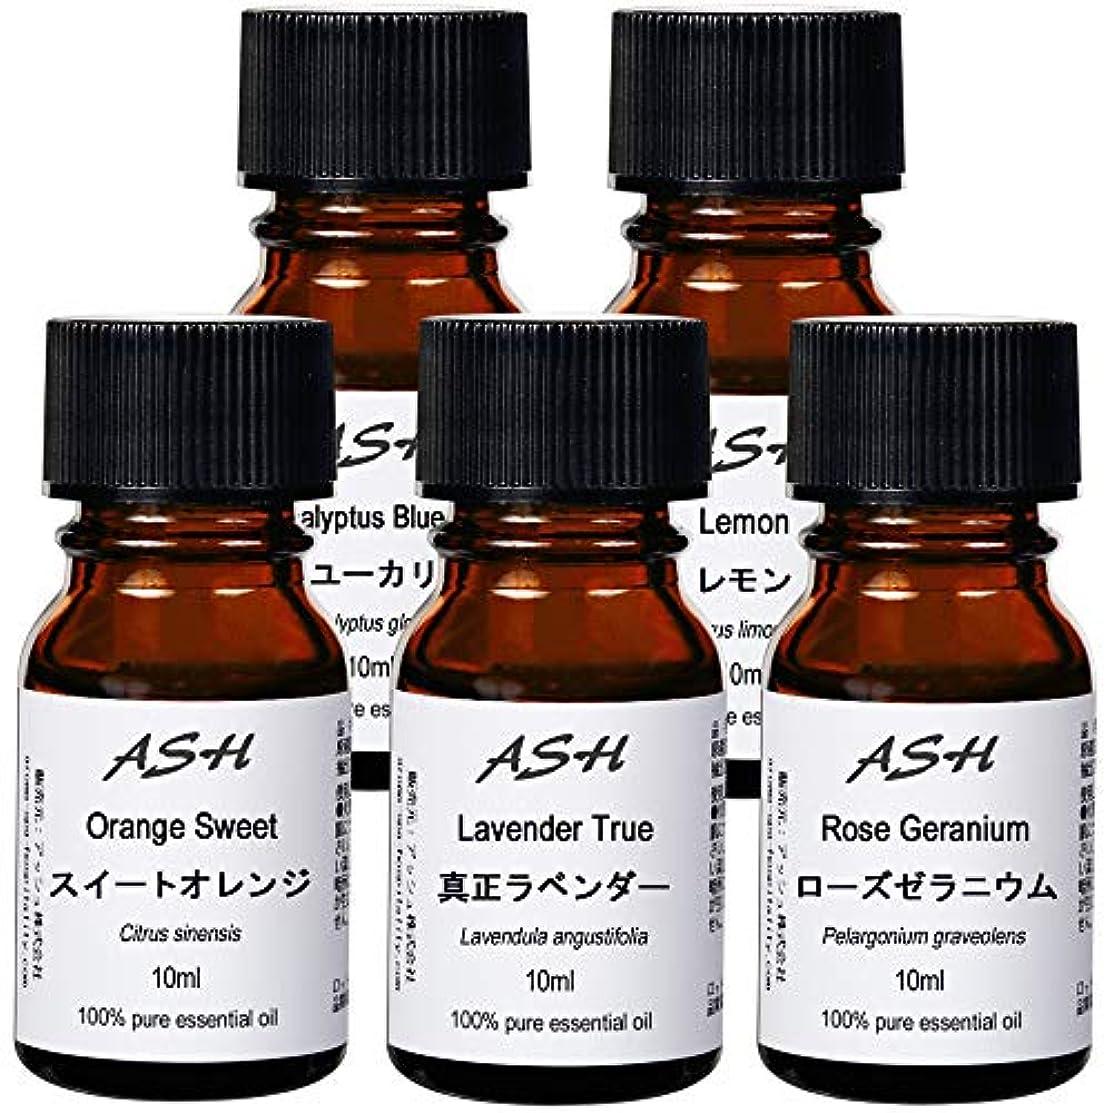 スペード医療過誤扇動ASH エッセンシャルオイル A.お試し 10mlx5本セット (スイートオレンジ/ユーカリ/ラベンダー/レモン/ローズゼラニウム) AEAJ認定精油